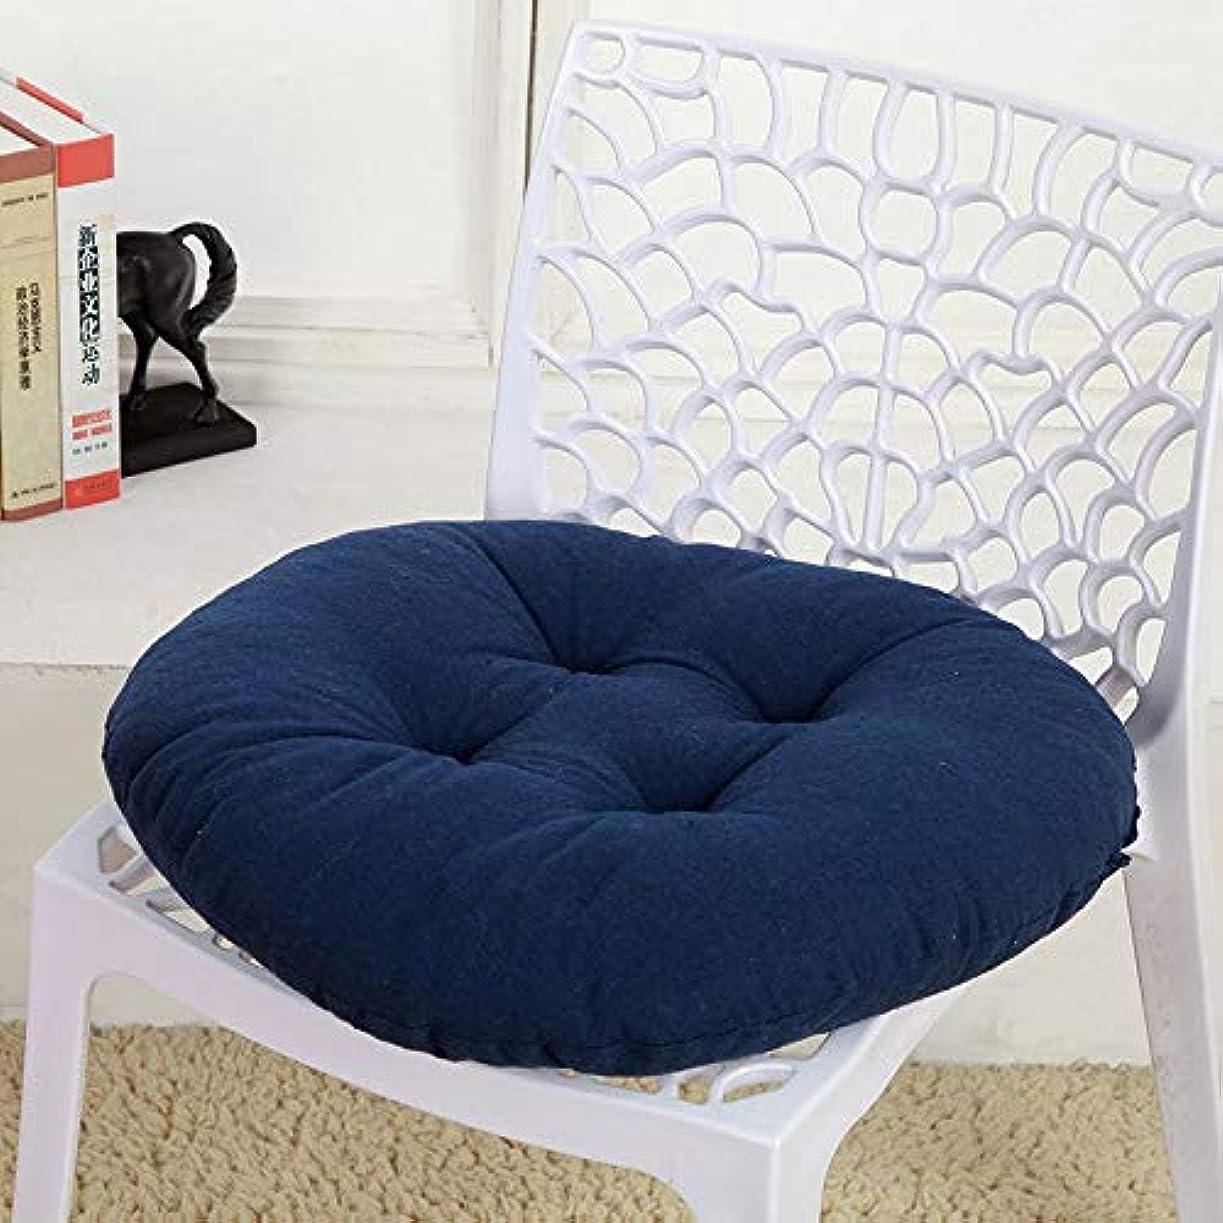 拍手する剥離買収LIFE キャンディカラーのクッションラウンドシートクッション波ウィンドウシートクッションクッション家の装飾パッドラウンド枕シート枕椅子座る枕 クッション 椅子